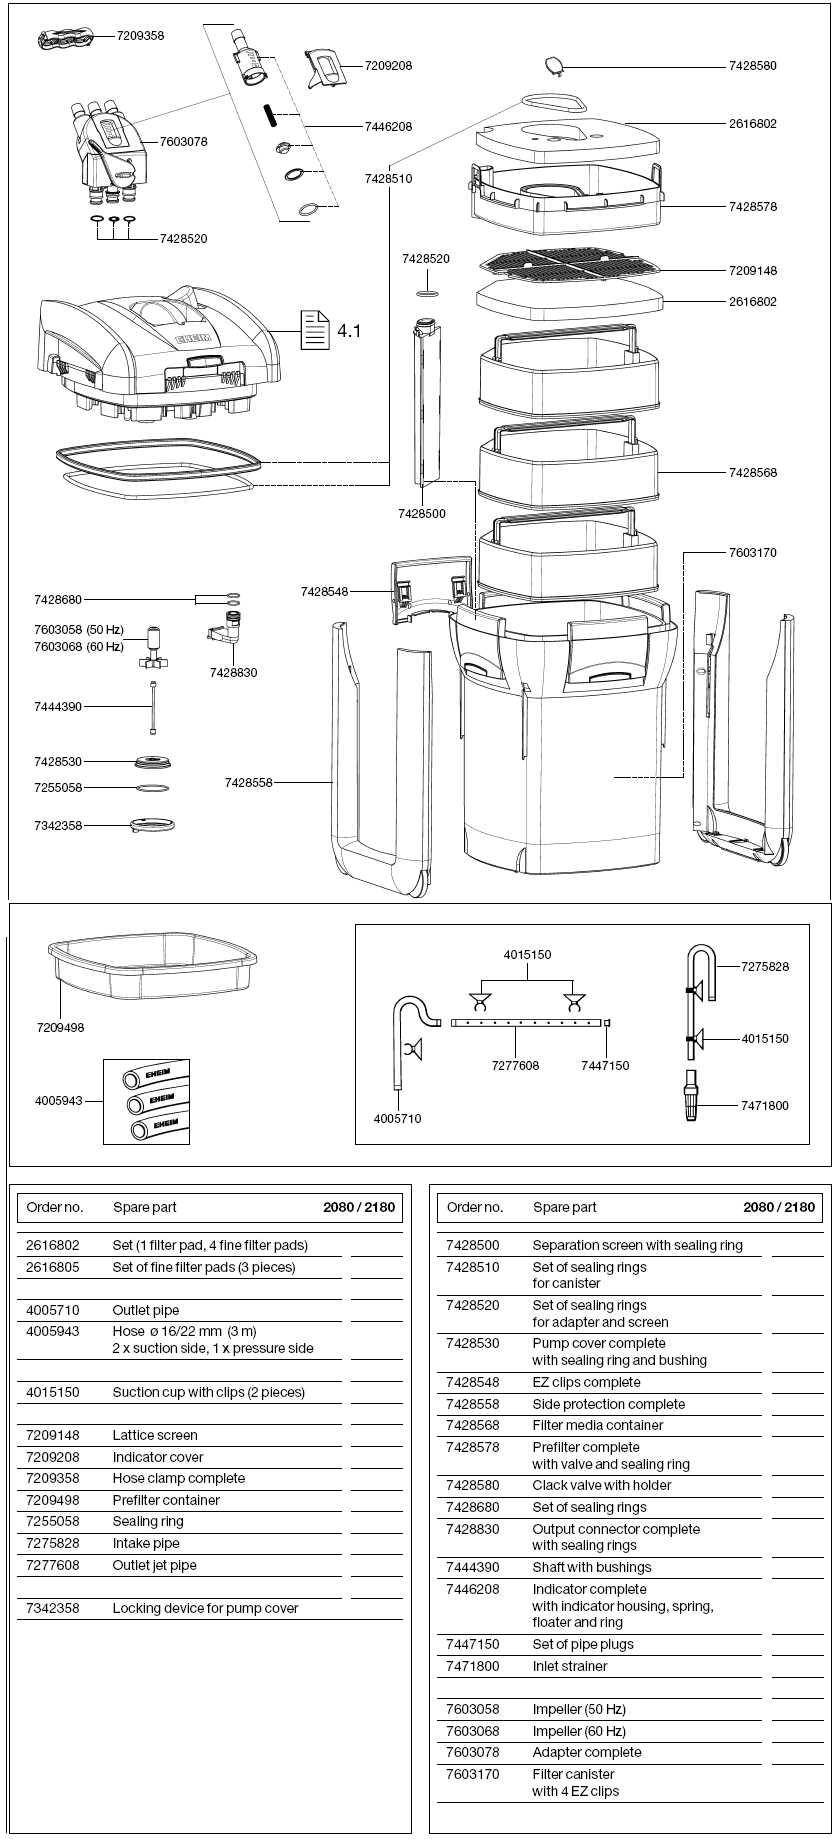 EHEIM 2080-2180 SPARE PARTS